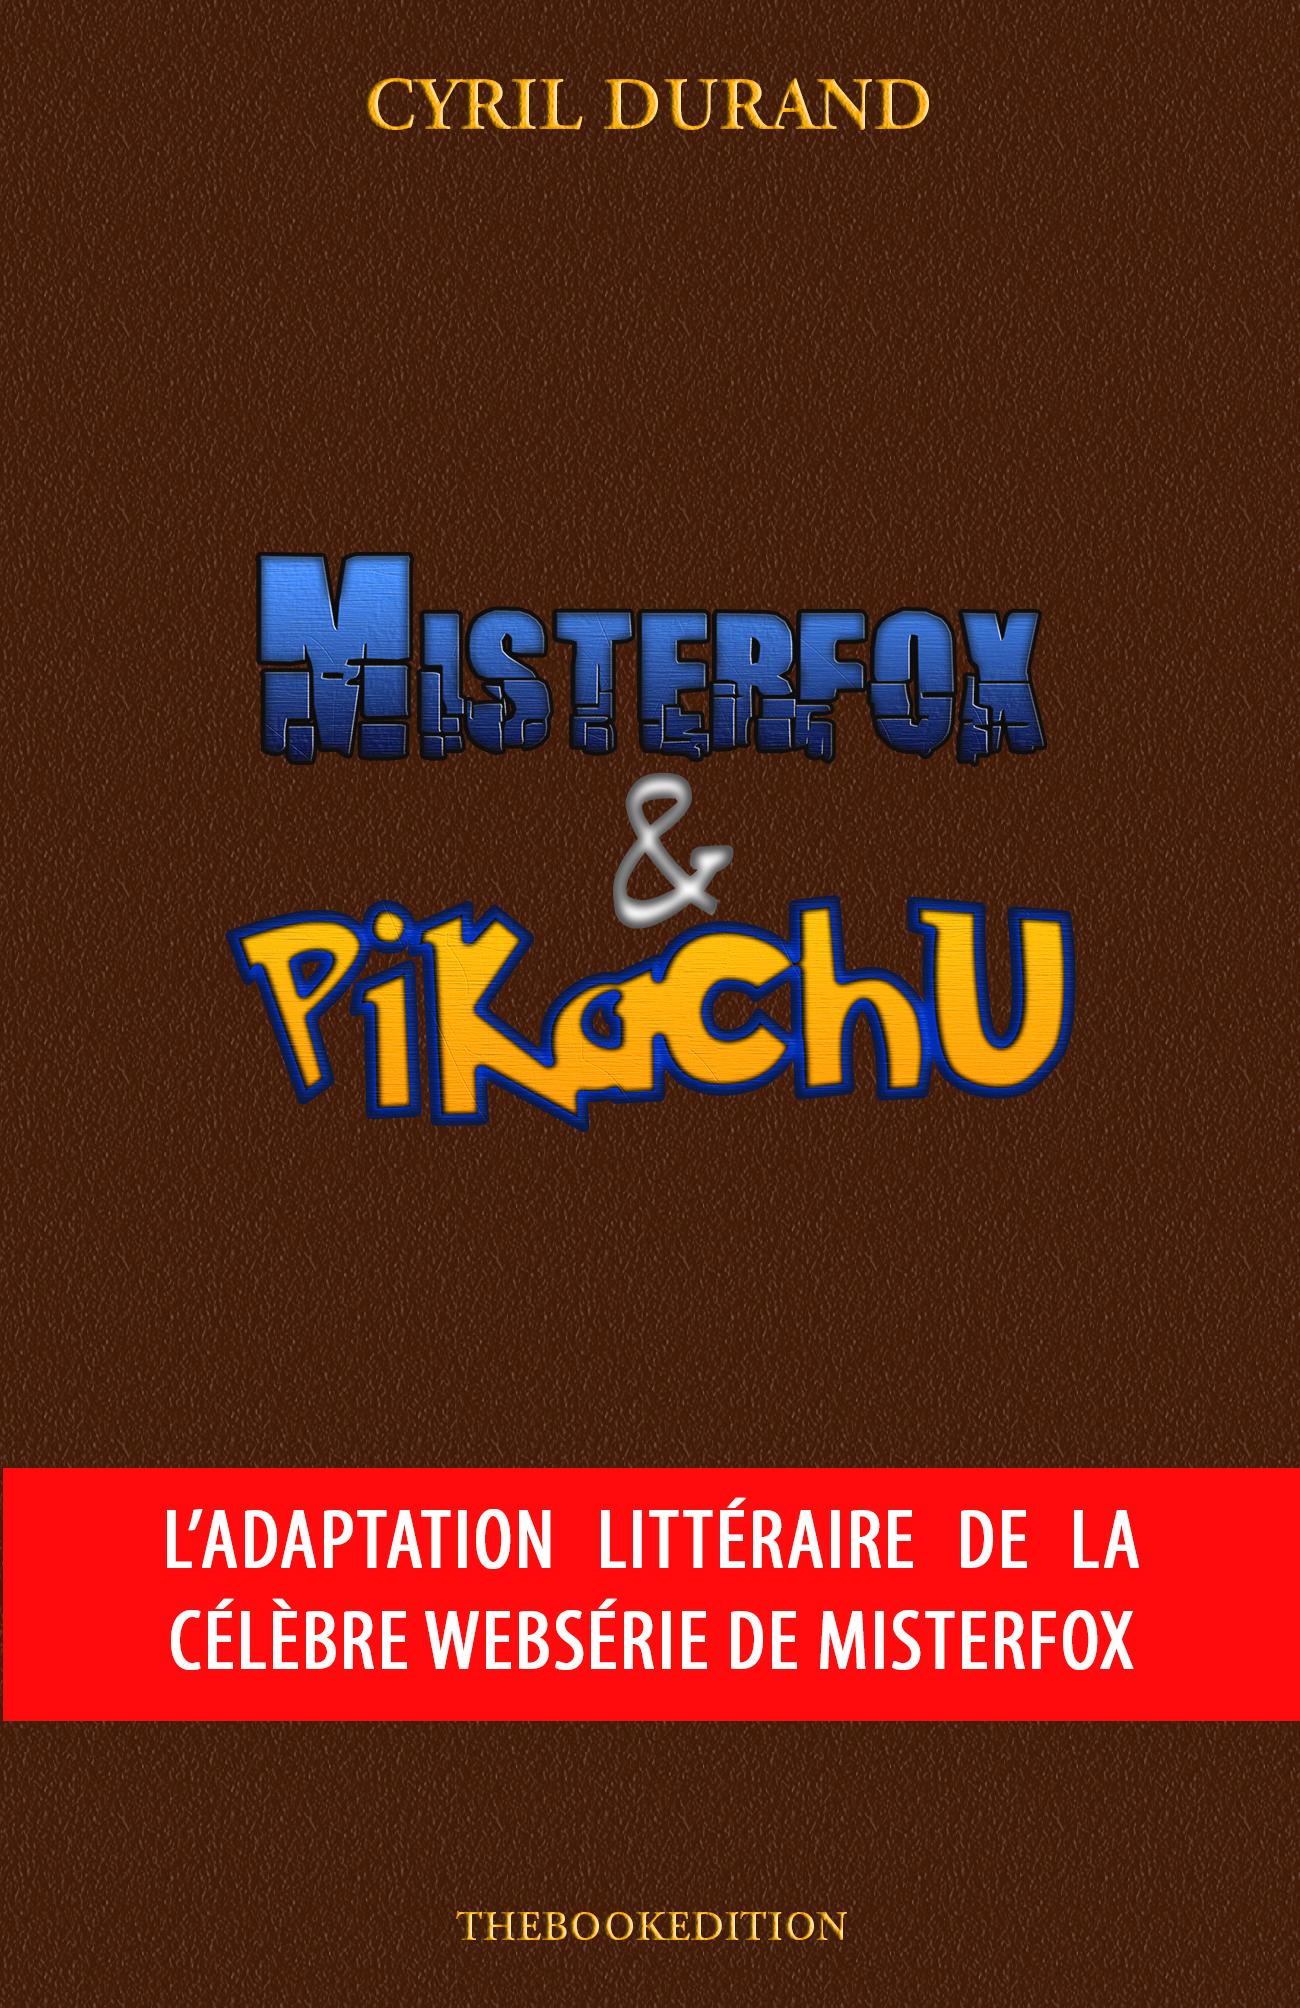 Misterfox & Pikachu